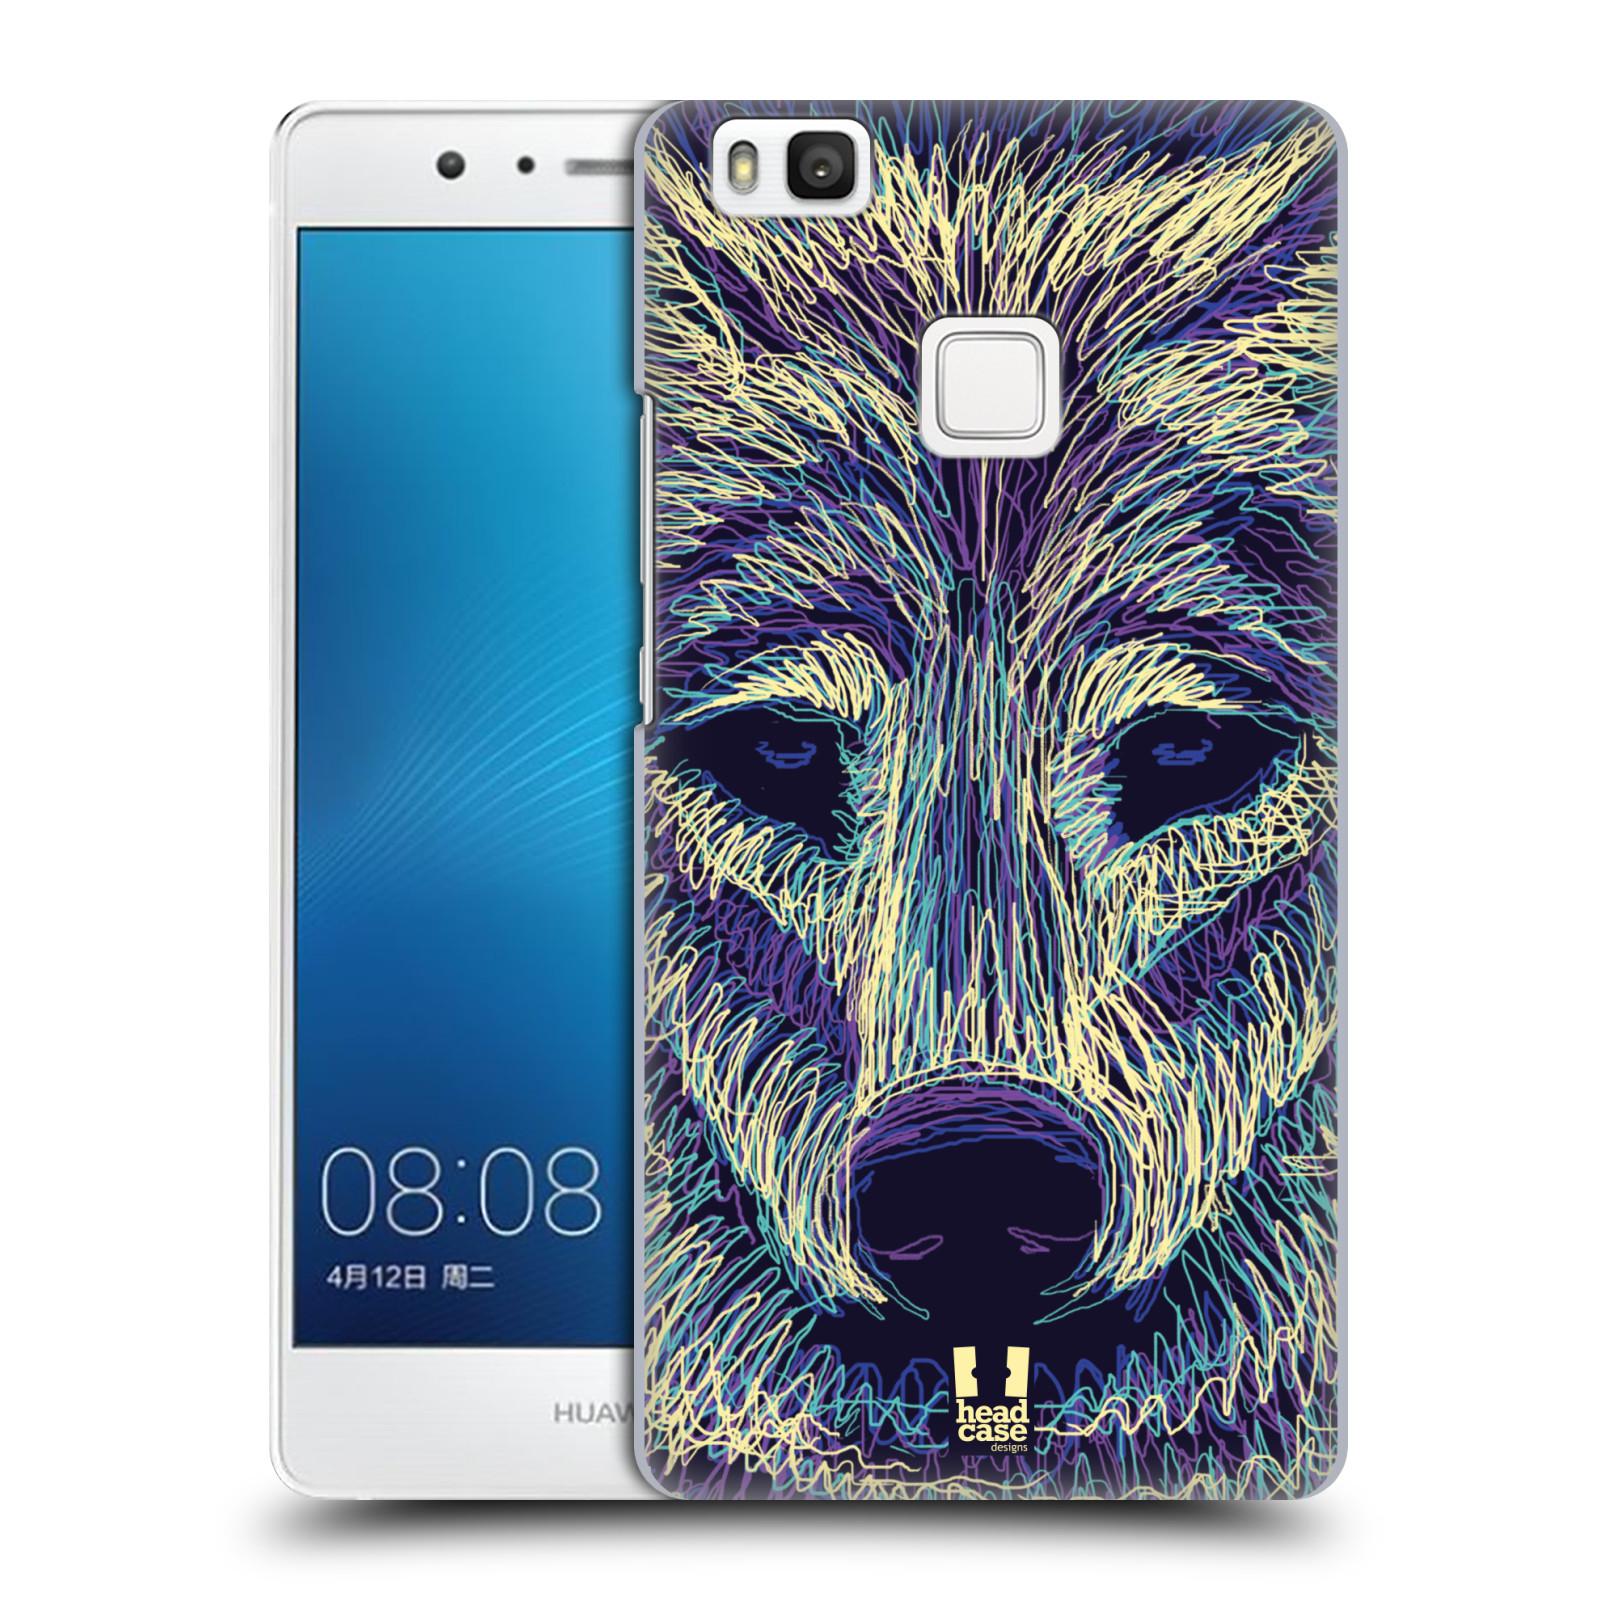 HEAD CASE plastový obal na mobil Huawei P9 LITE / P9 LITE DUAL SIM vzor zvíře čmáranice vlk